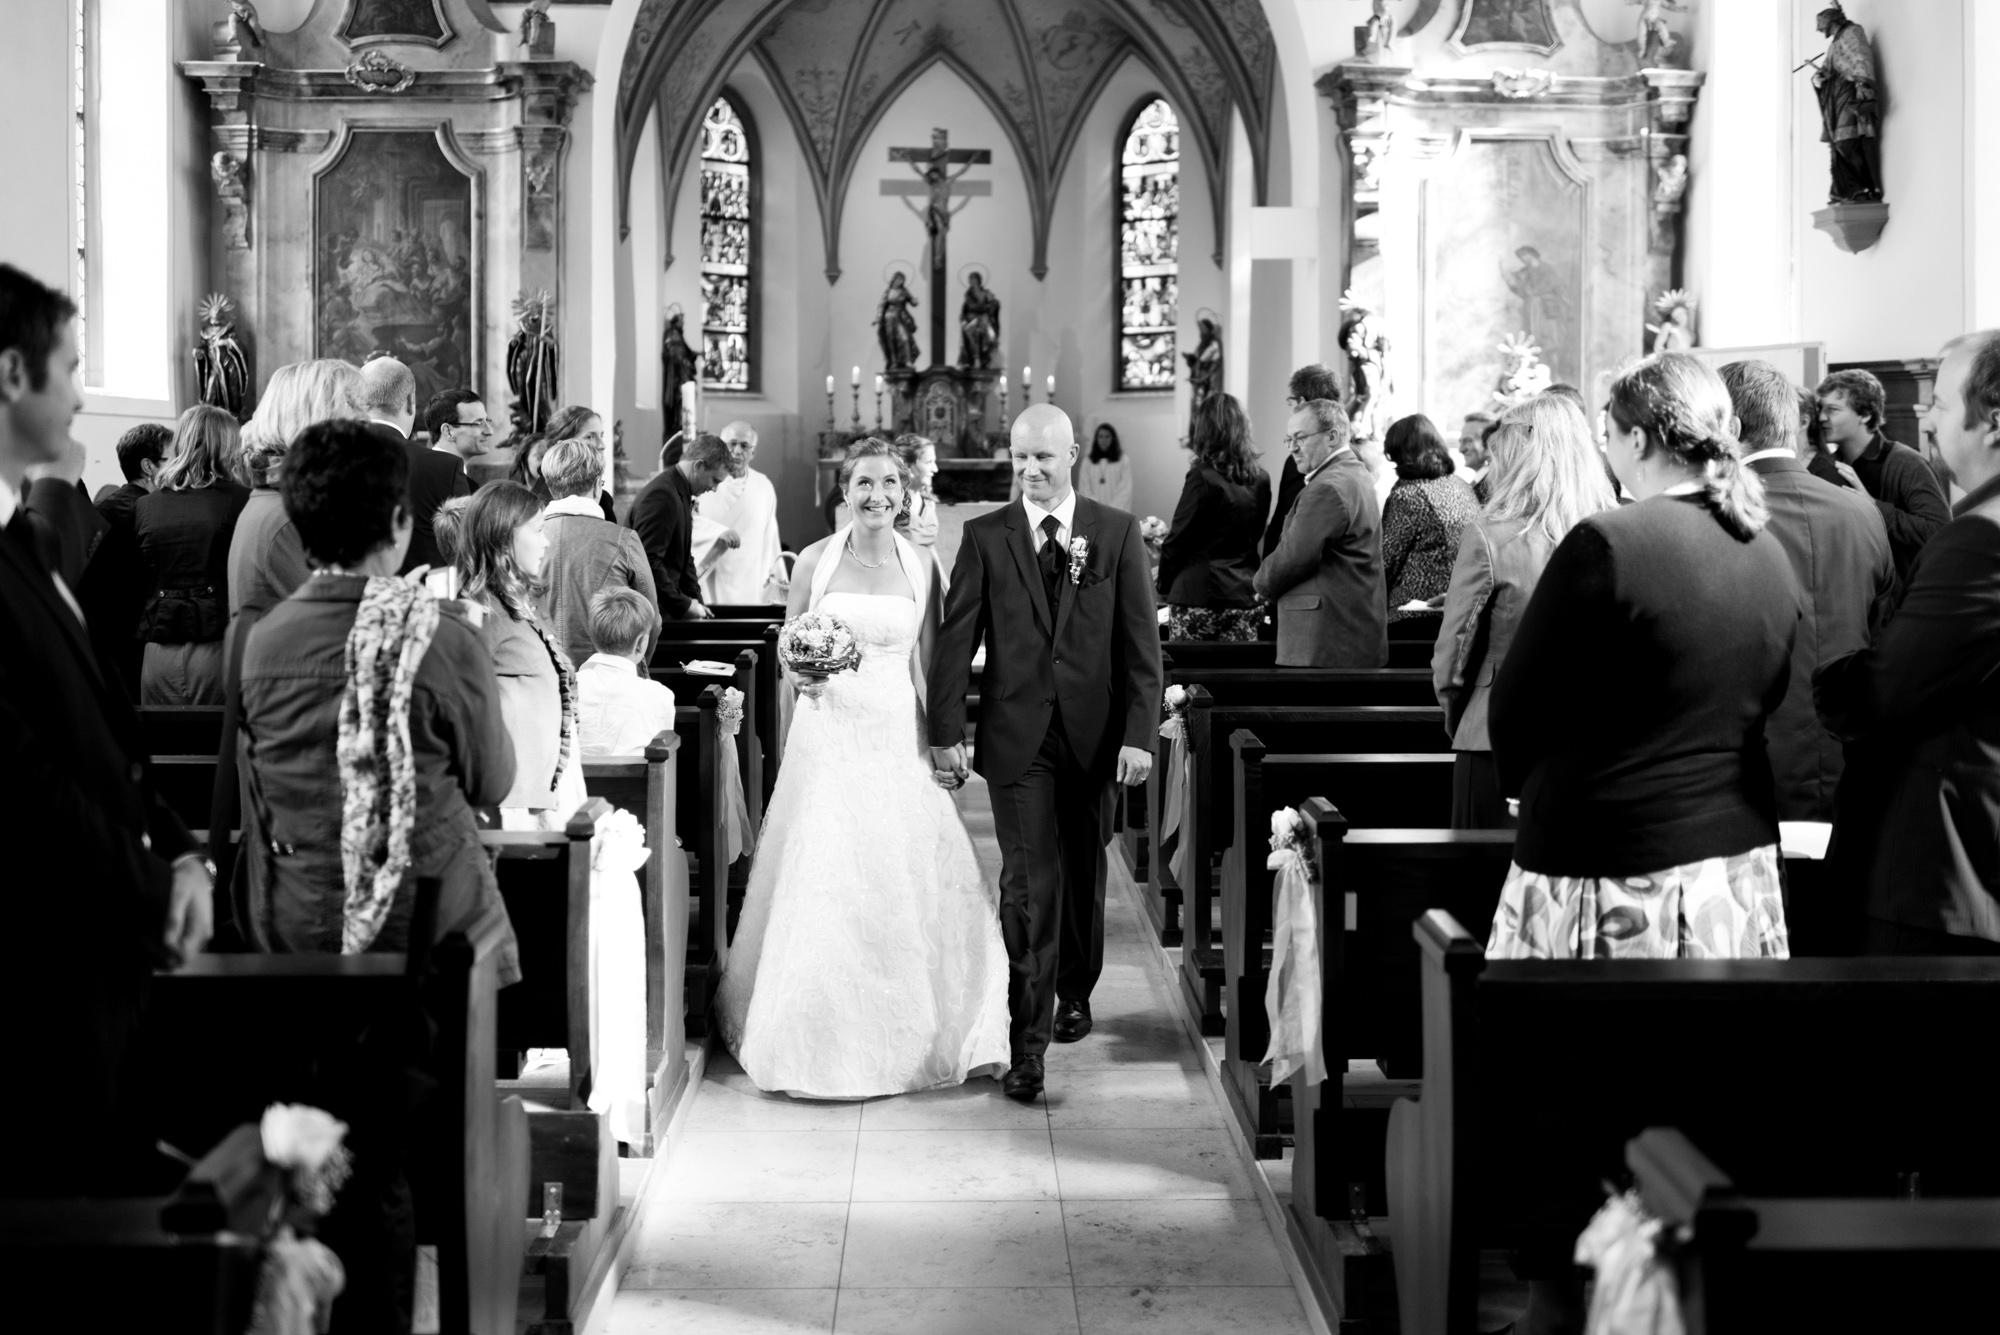 Fotograf Konstanz - Als Hochzeitsfotograf in Bad Dürrheim unterwegs  - 34 -